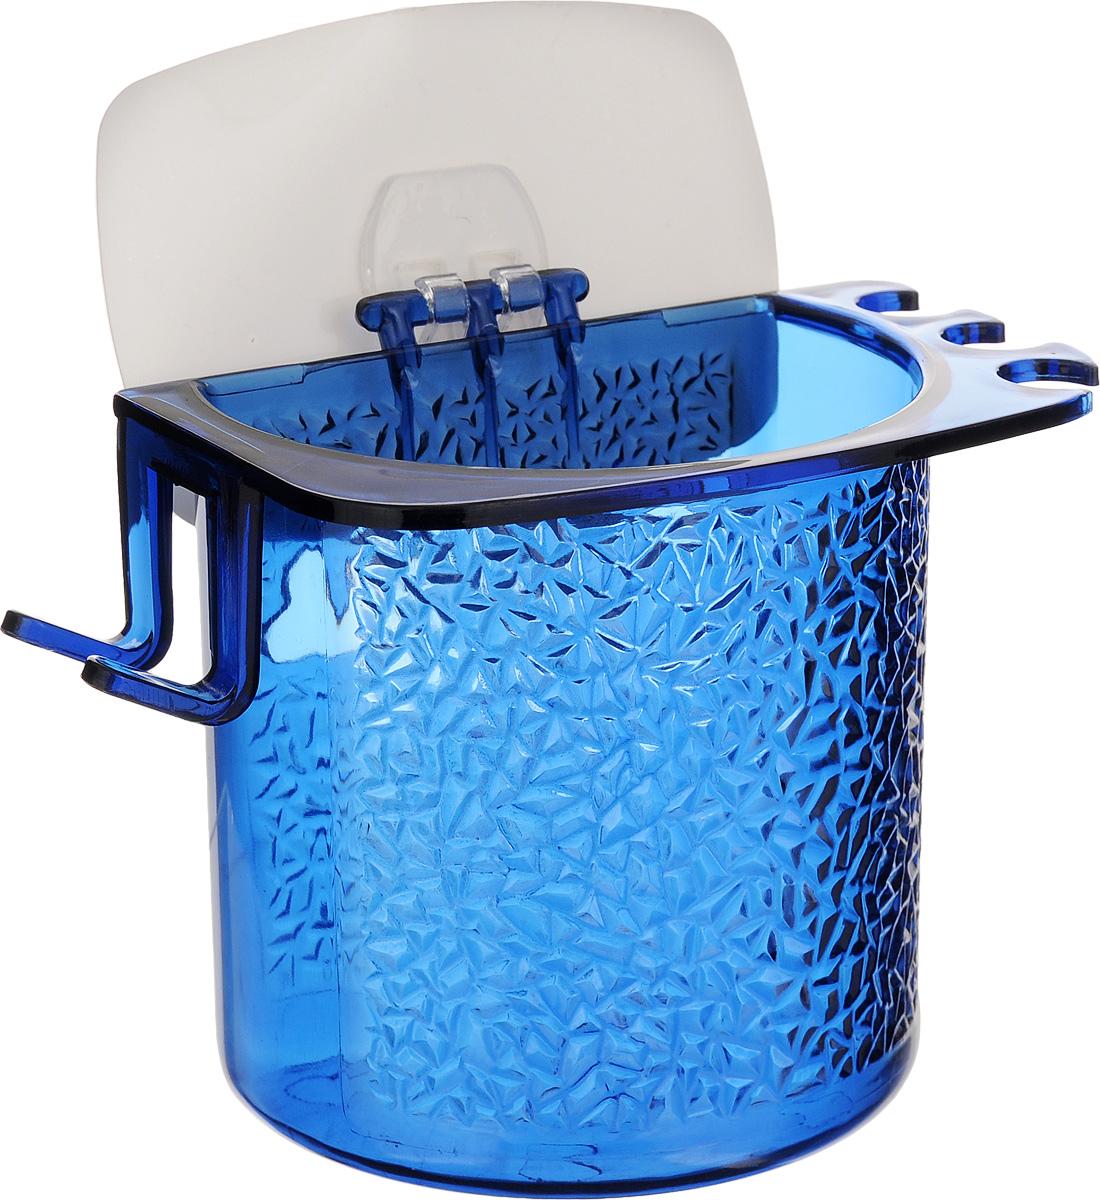 Стакан для ванной Fresh Code, на липкой основе, цвет: синий531-105Стакан для ванной комнаты Fresh Code выполнен из ABS пластика. Крепление на липкой основе многократного использования идеально подходит для гладкой поверхности. С оборотной стороны изделие оснащено двумя отверстиями для удобного размещения на стене.В стакане удобно хранить зубные щетки, пасту и другие принадлежности. Аксессуары для ванной комнаты Fresh Code стильно украсят интерьер и добавят в обычную обстановку яркие и модные акценты. Стакан идеально подойдет к любому стилю ванной комнаты.